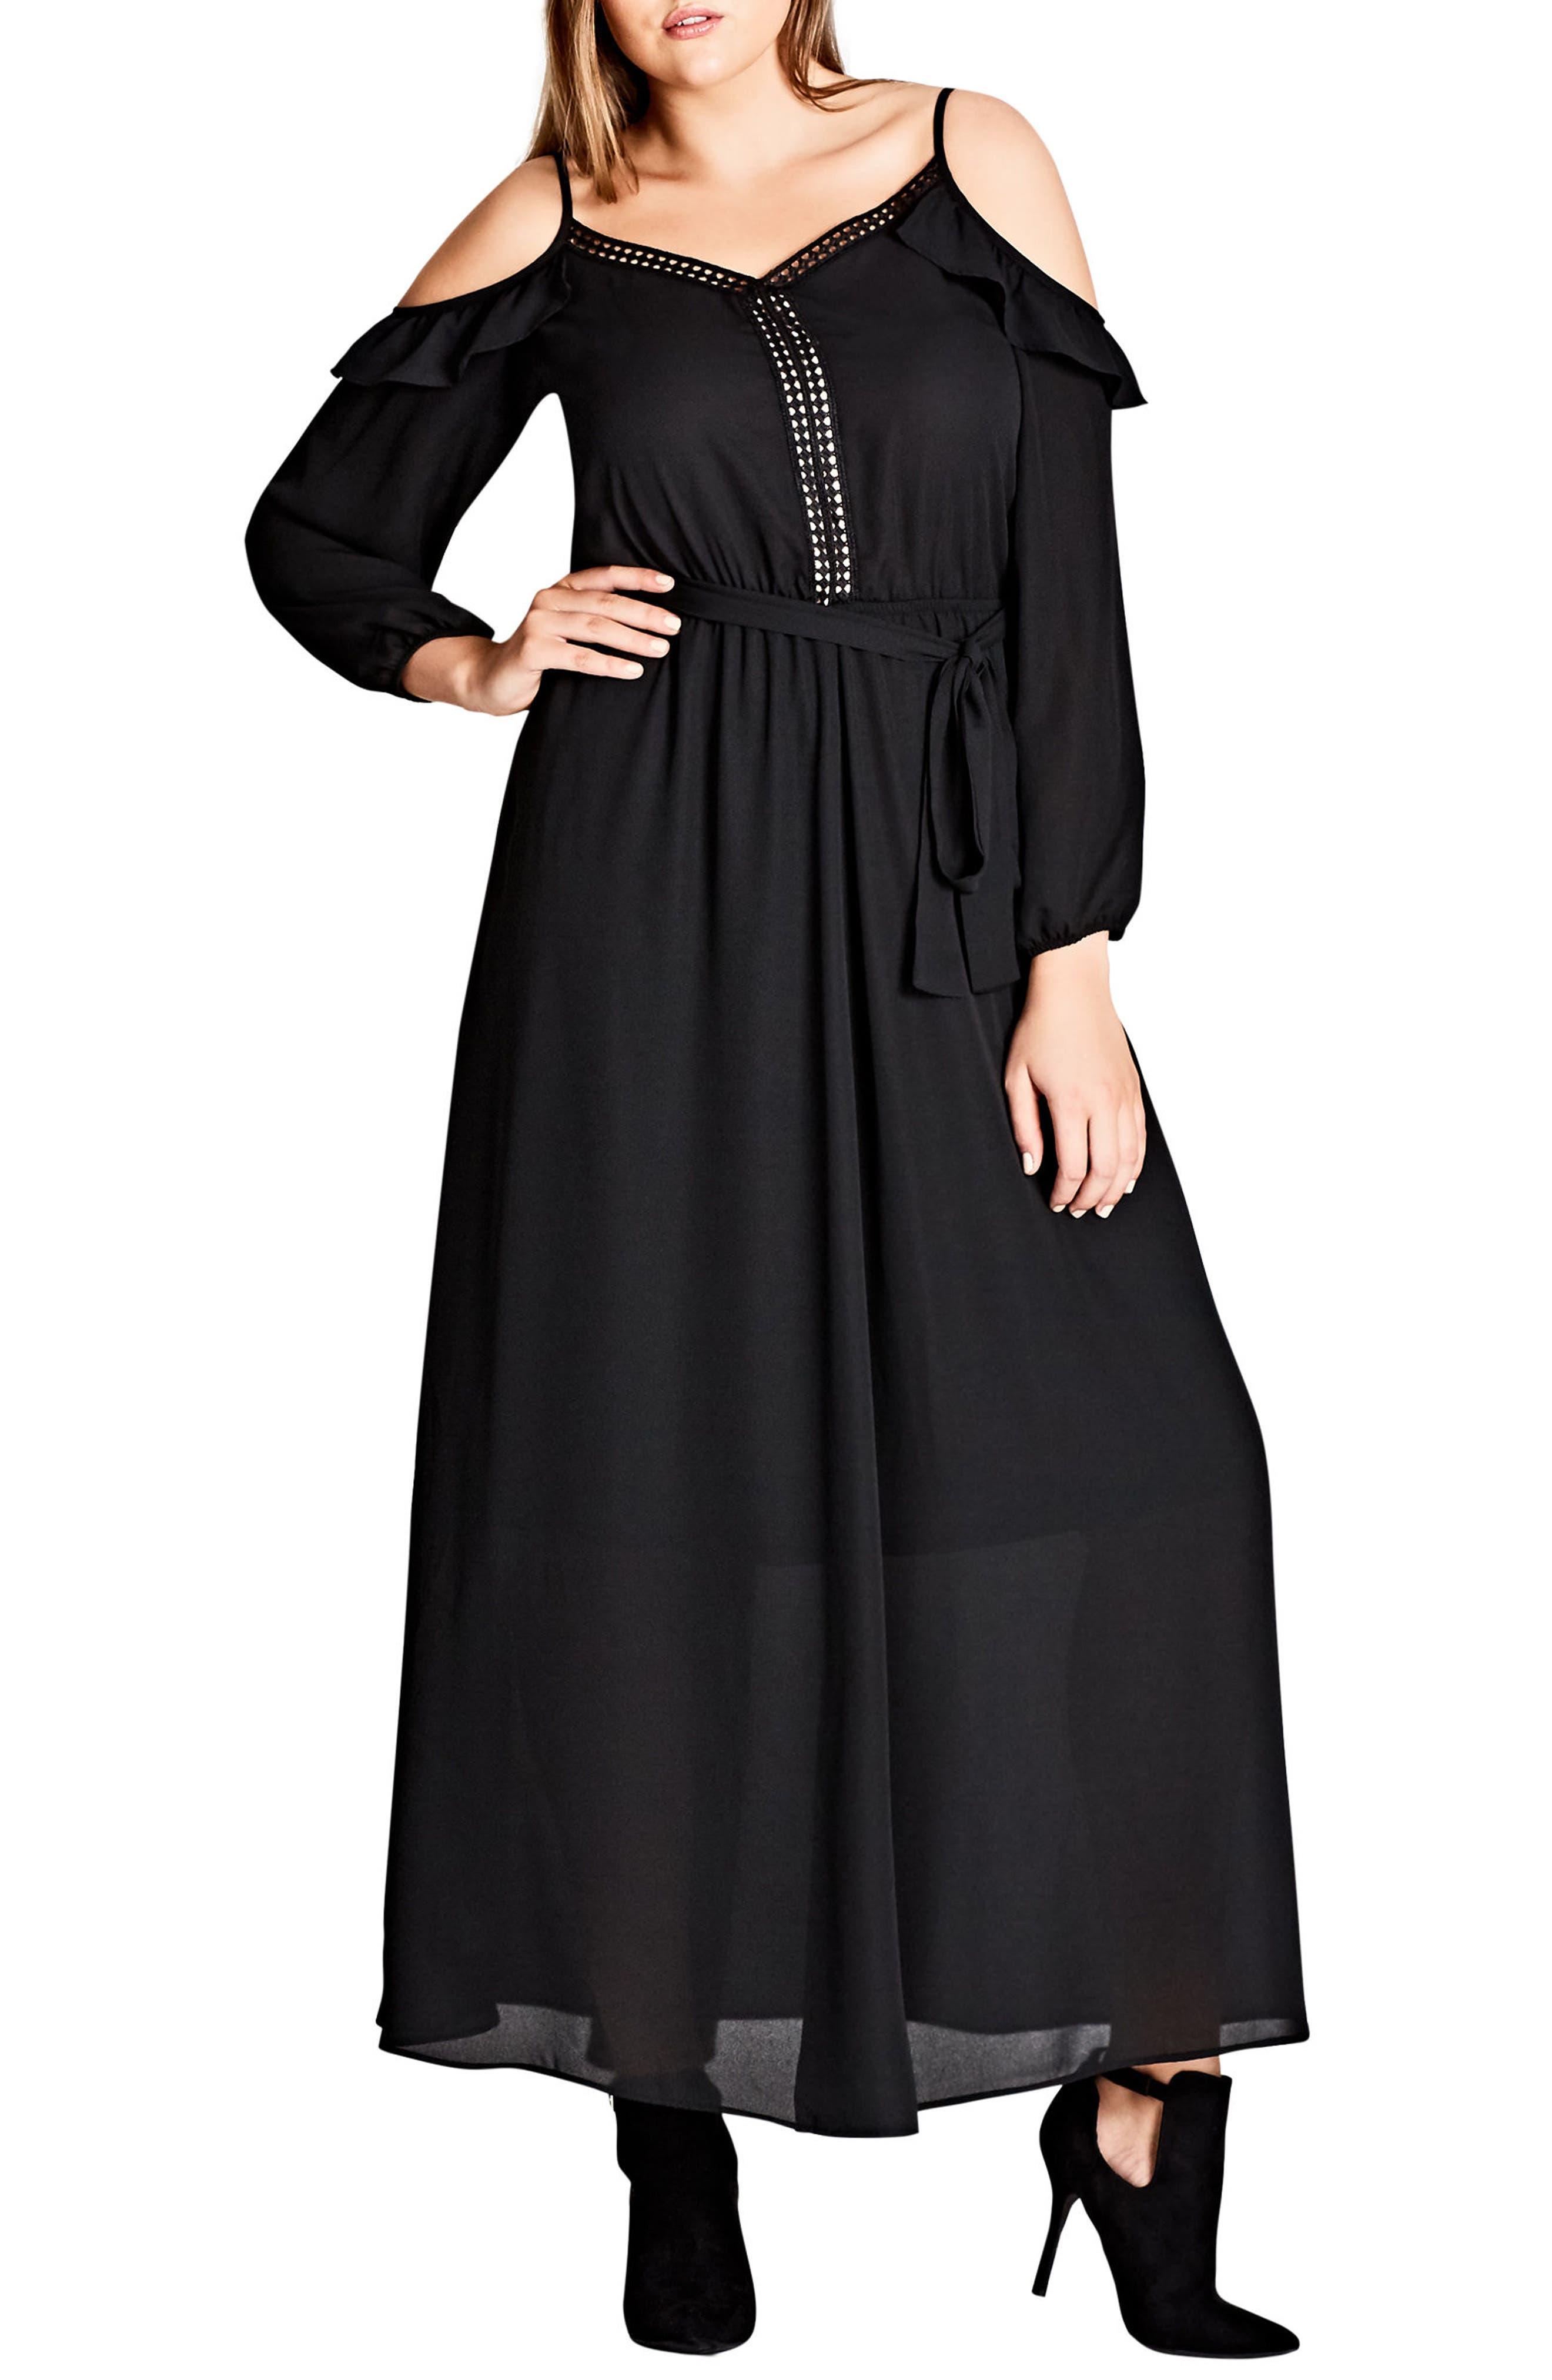 plus size women's city chic flirty cold shoulder a-line maxi dress